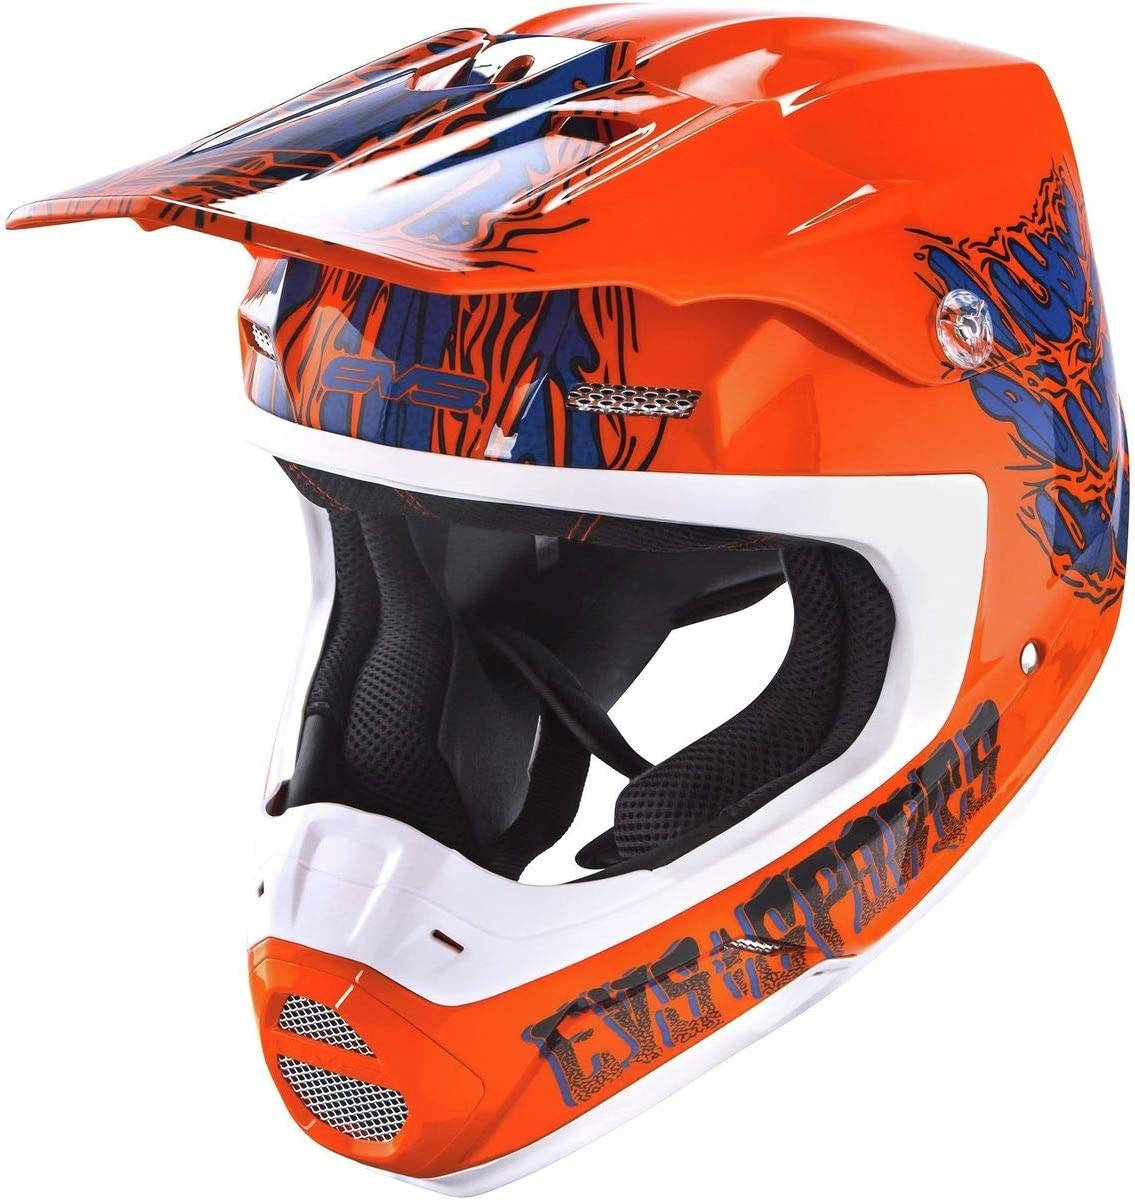 Egon EVS Sports unisex-adult off-road-helmet-style T5 Helmet Orange, X Small